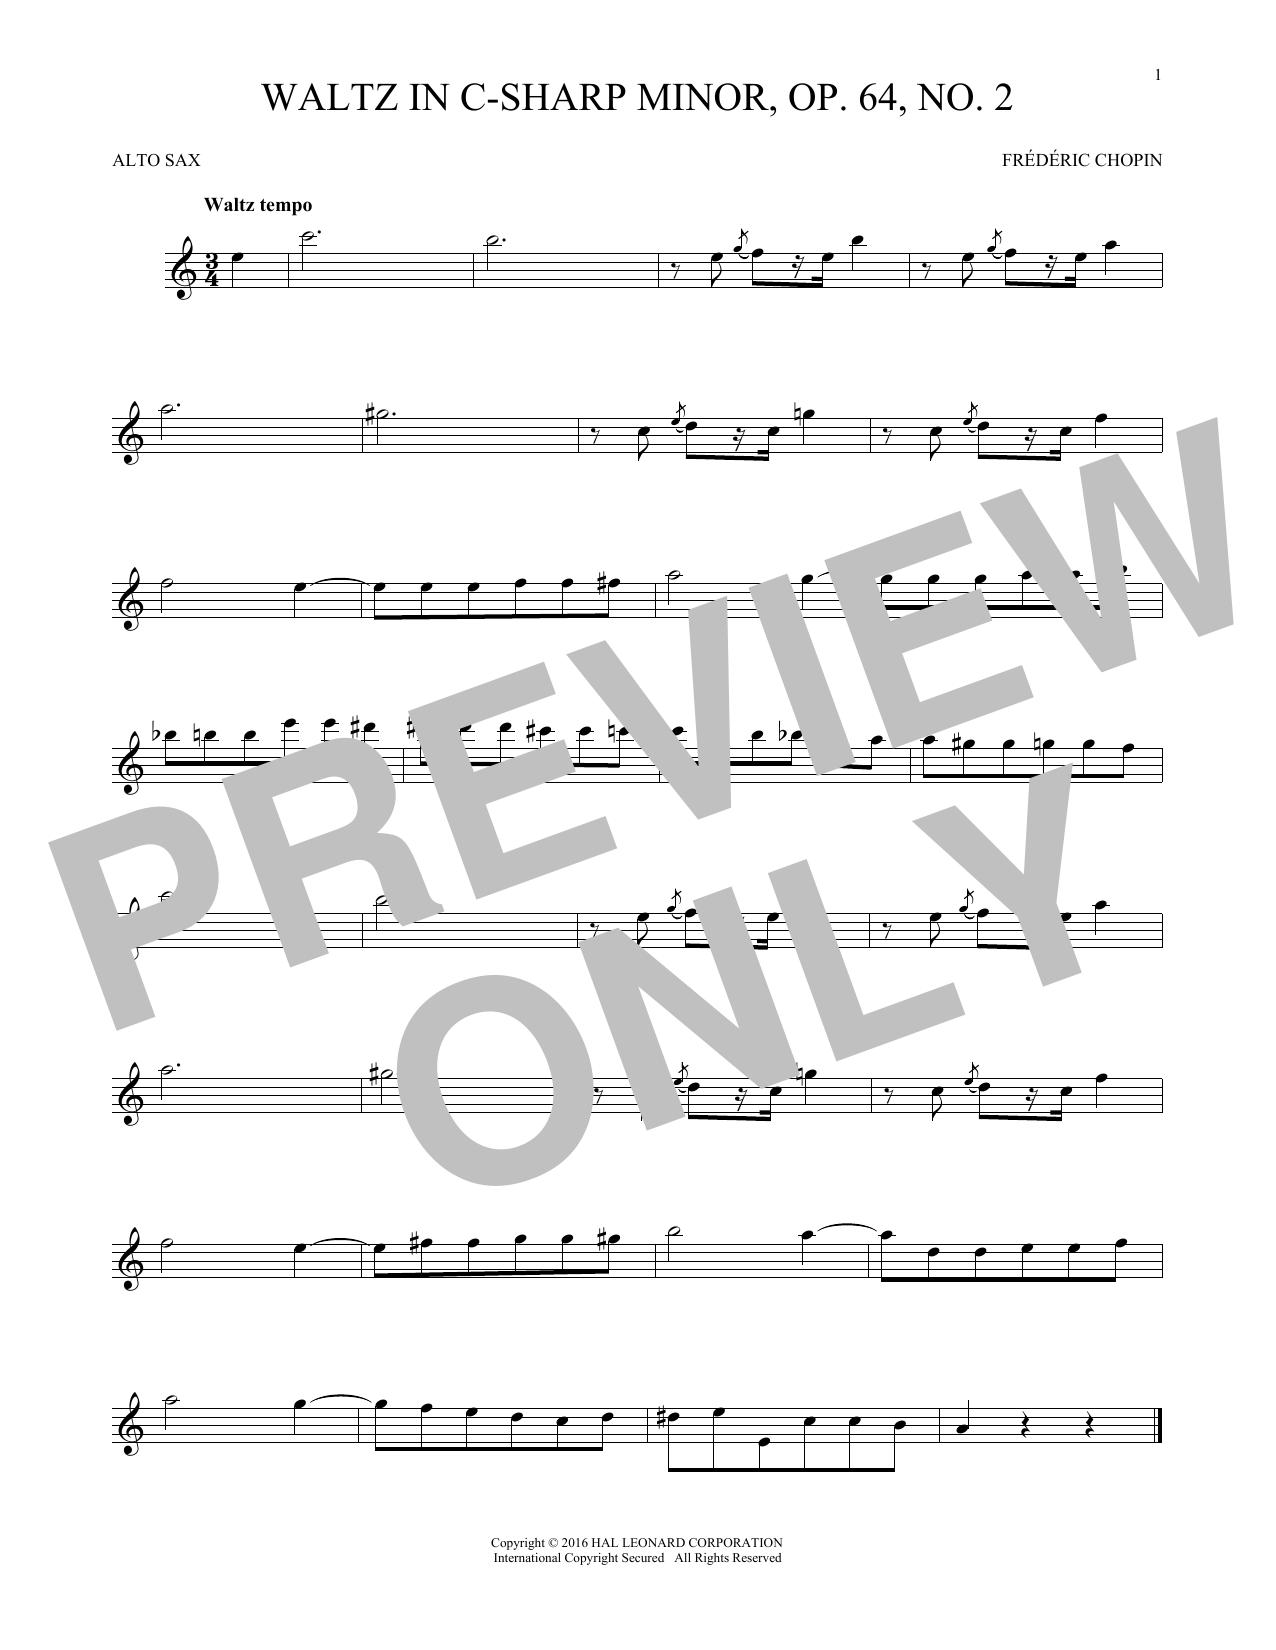 Waltz In C-Sharp Minor, Op. 64, No. 2 (Alto Sax Solo)